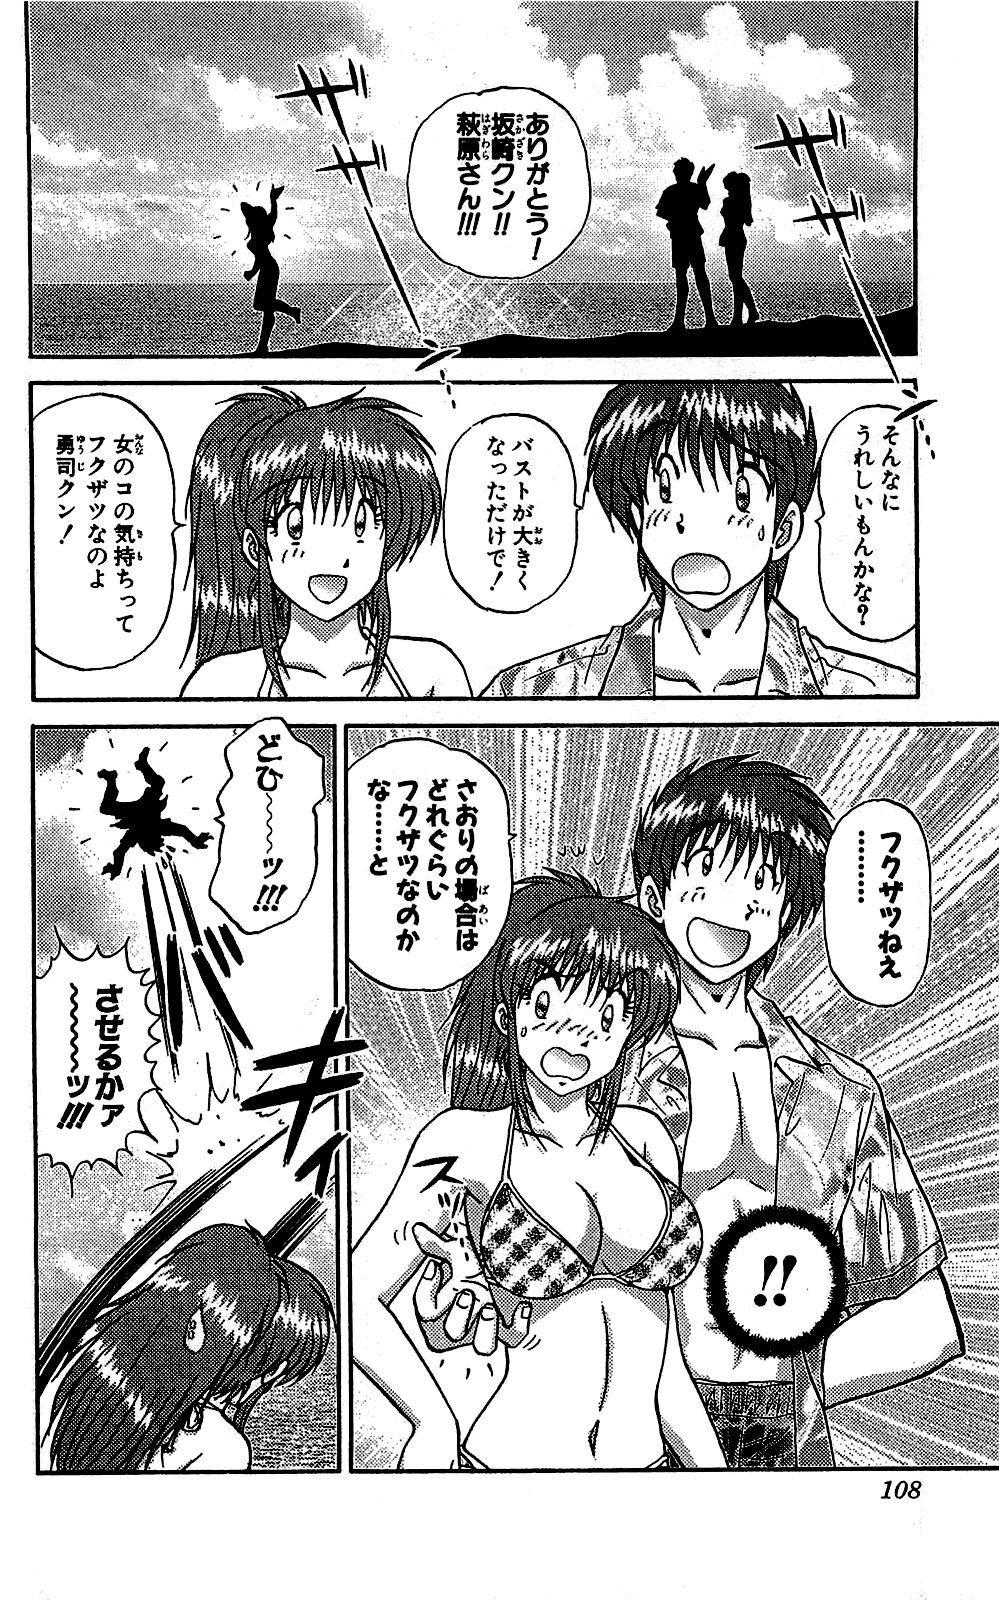 Miracle Make Yuuji 108